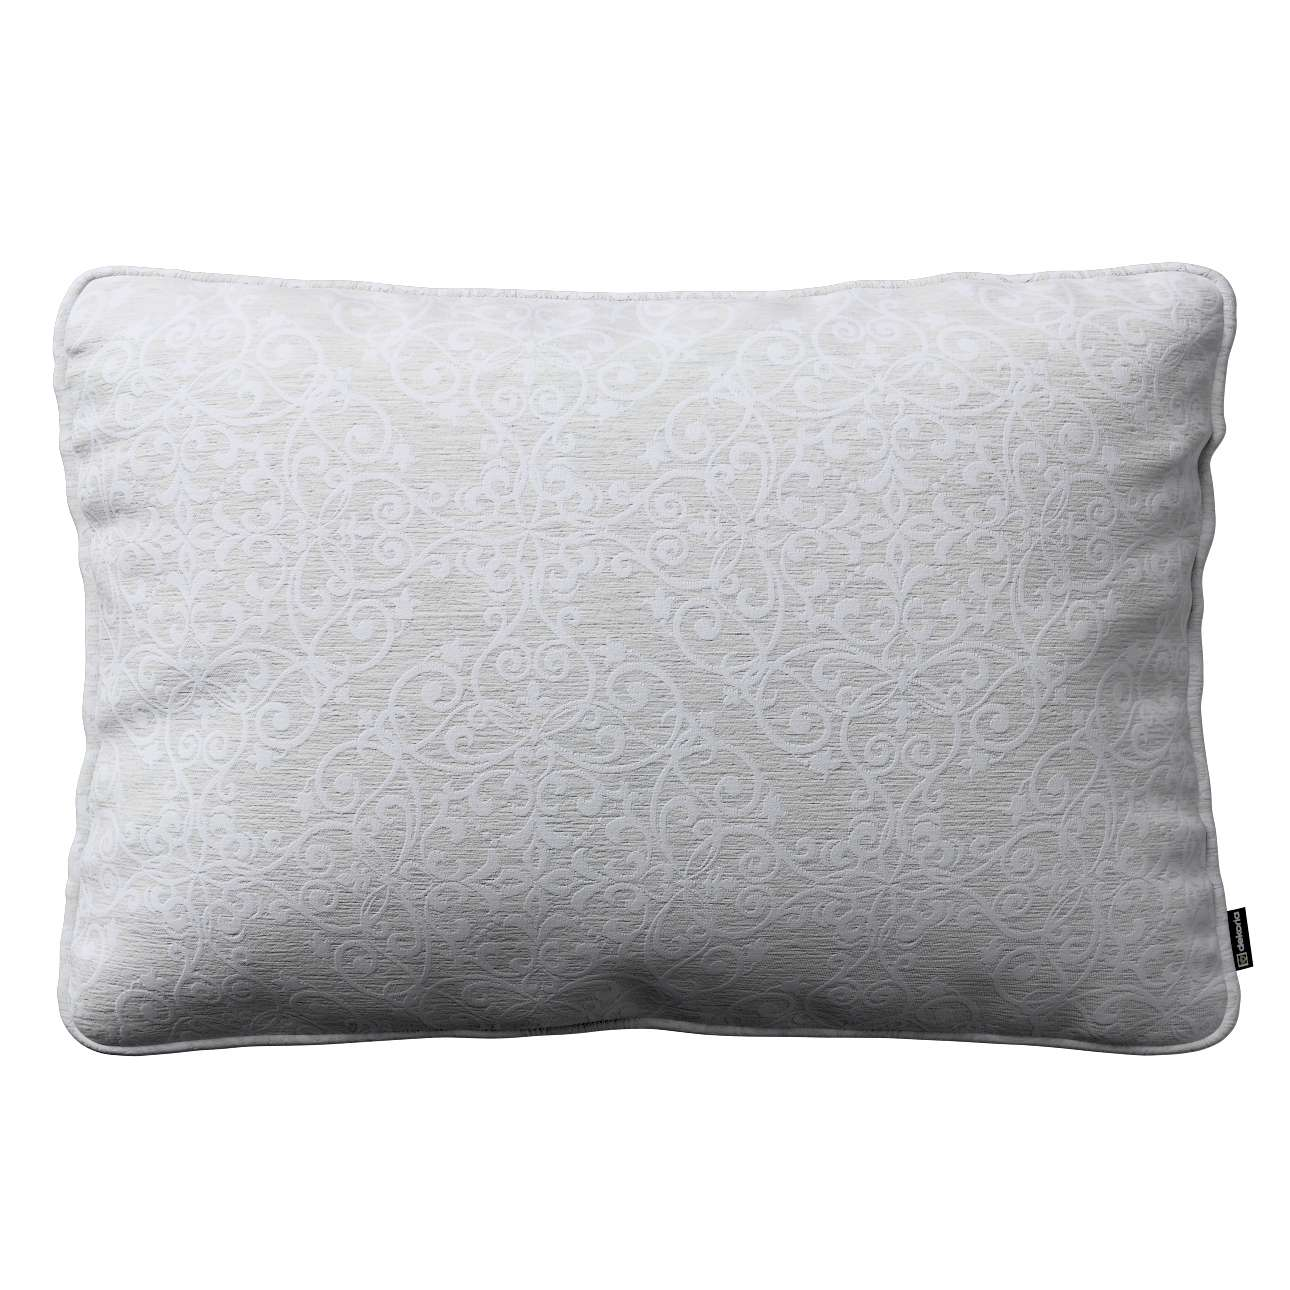 Poszewka Gabi na poduszkę prostokątna 60 x 40 cm w kolekcji Venice, tkanina: 140-49